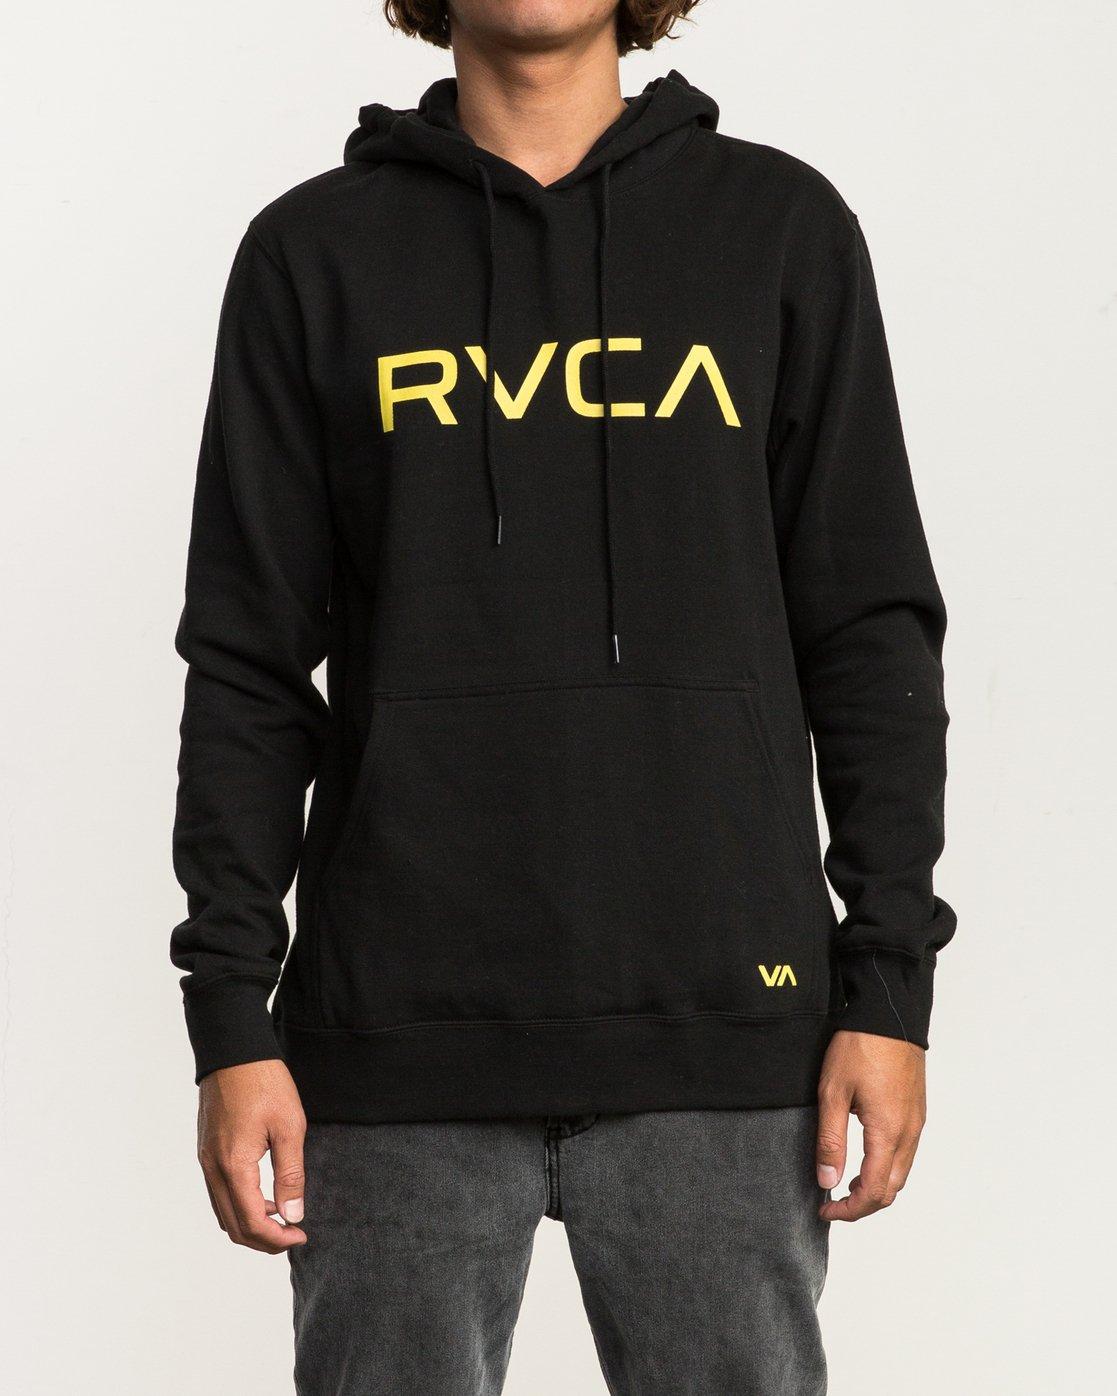 7 Inch RVCA Sticker MAMCPRRE | RVCA